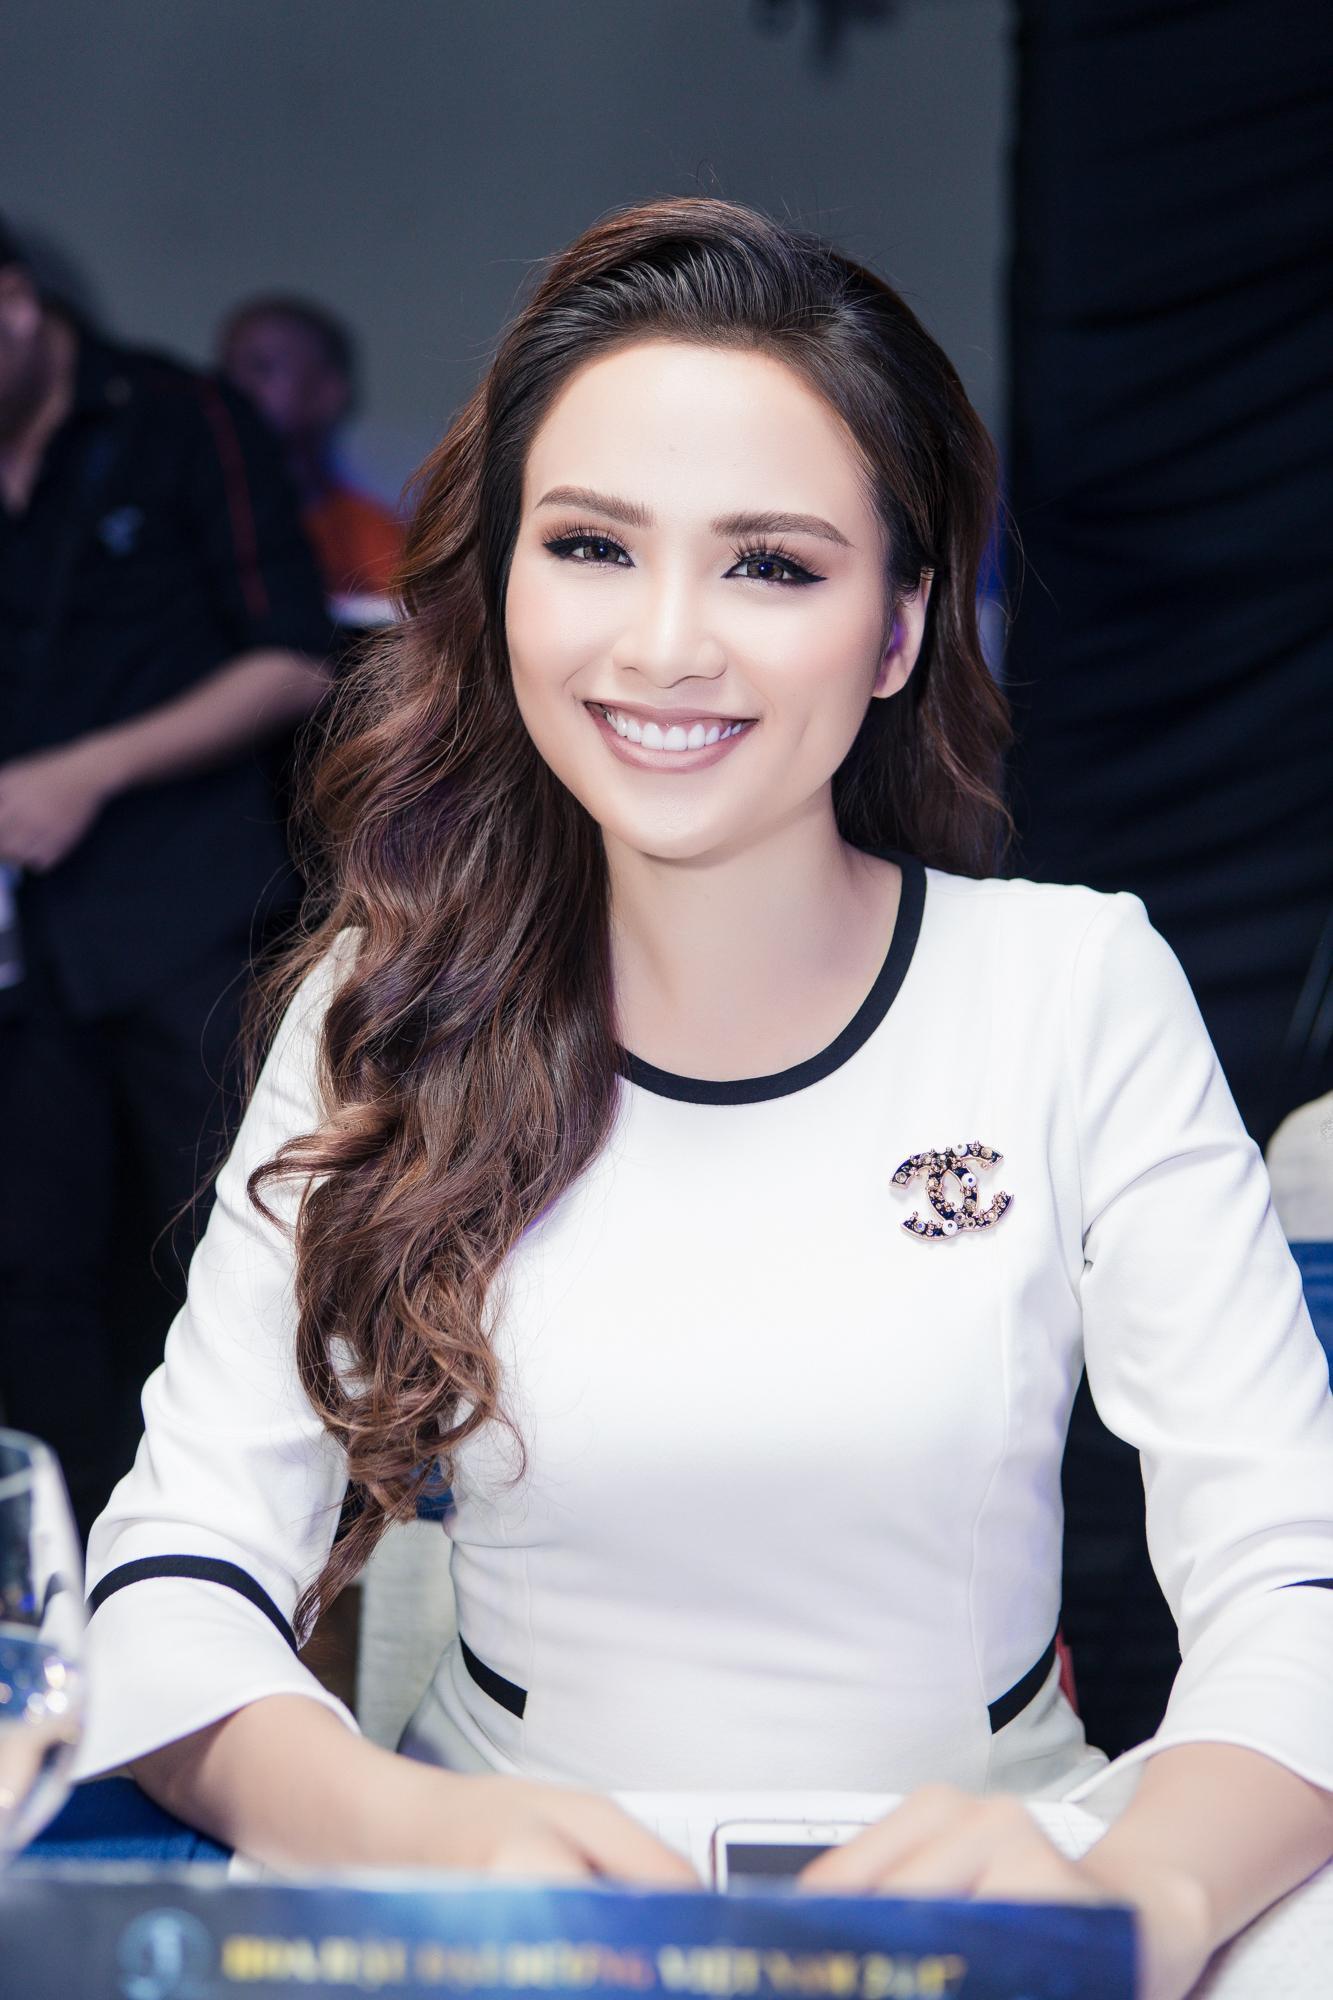 Con gái quả bom sex Việt Kiều Trinh vào chung kết Hoa hậu Đại Dương 2017-2